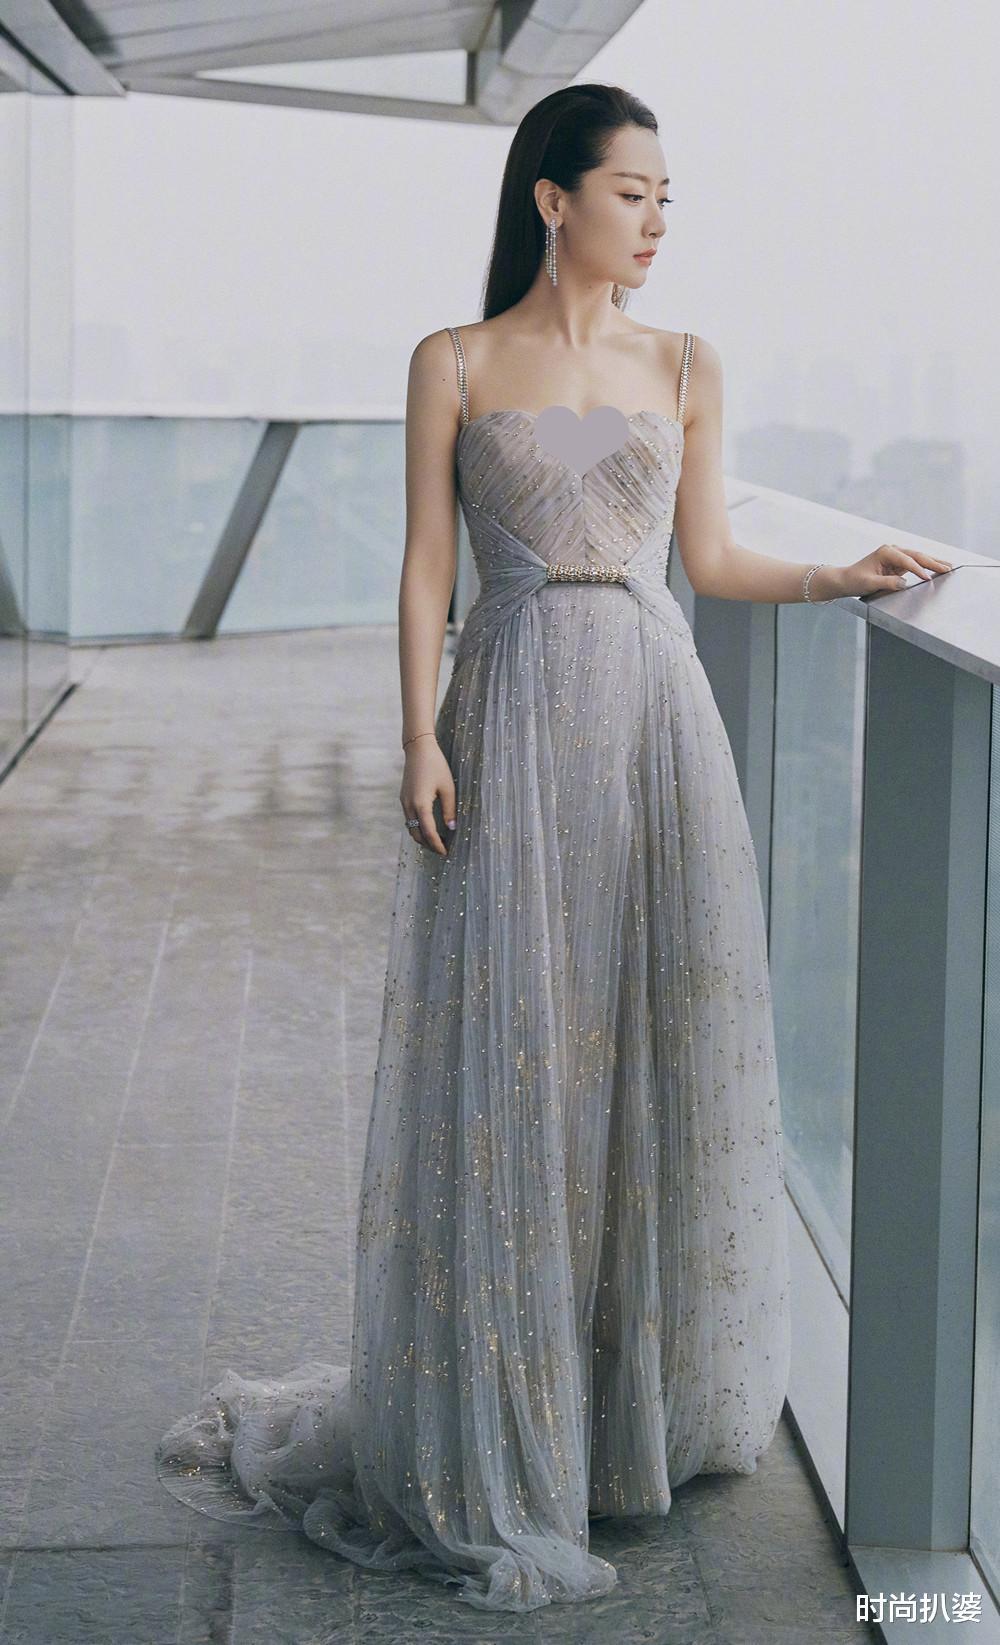 紅毯造型,49歲閆妮秀身材卻被妝容扣分,袁姍姍挑戰熱巴同系列人魚裙翻車-圖5